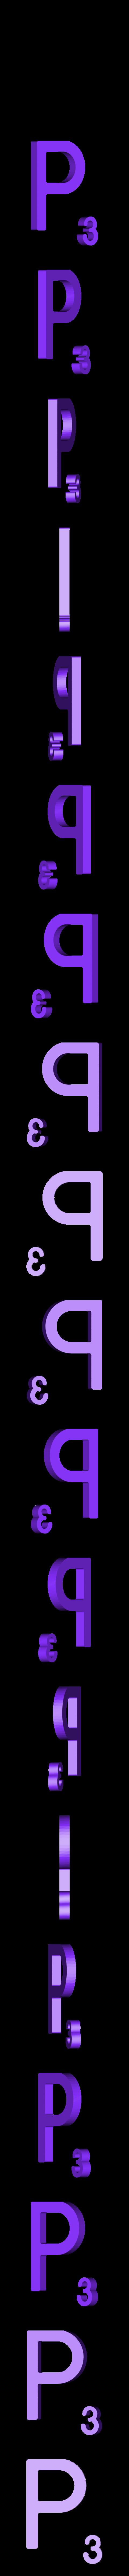 Dual_Letter_P.STL Télécharger fichier STL gratuit Pièces et support SCRABBBLE • Design pour imprimante 3D, Balkhagal4D